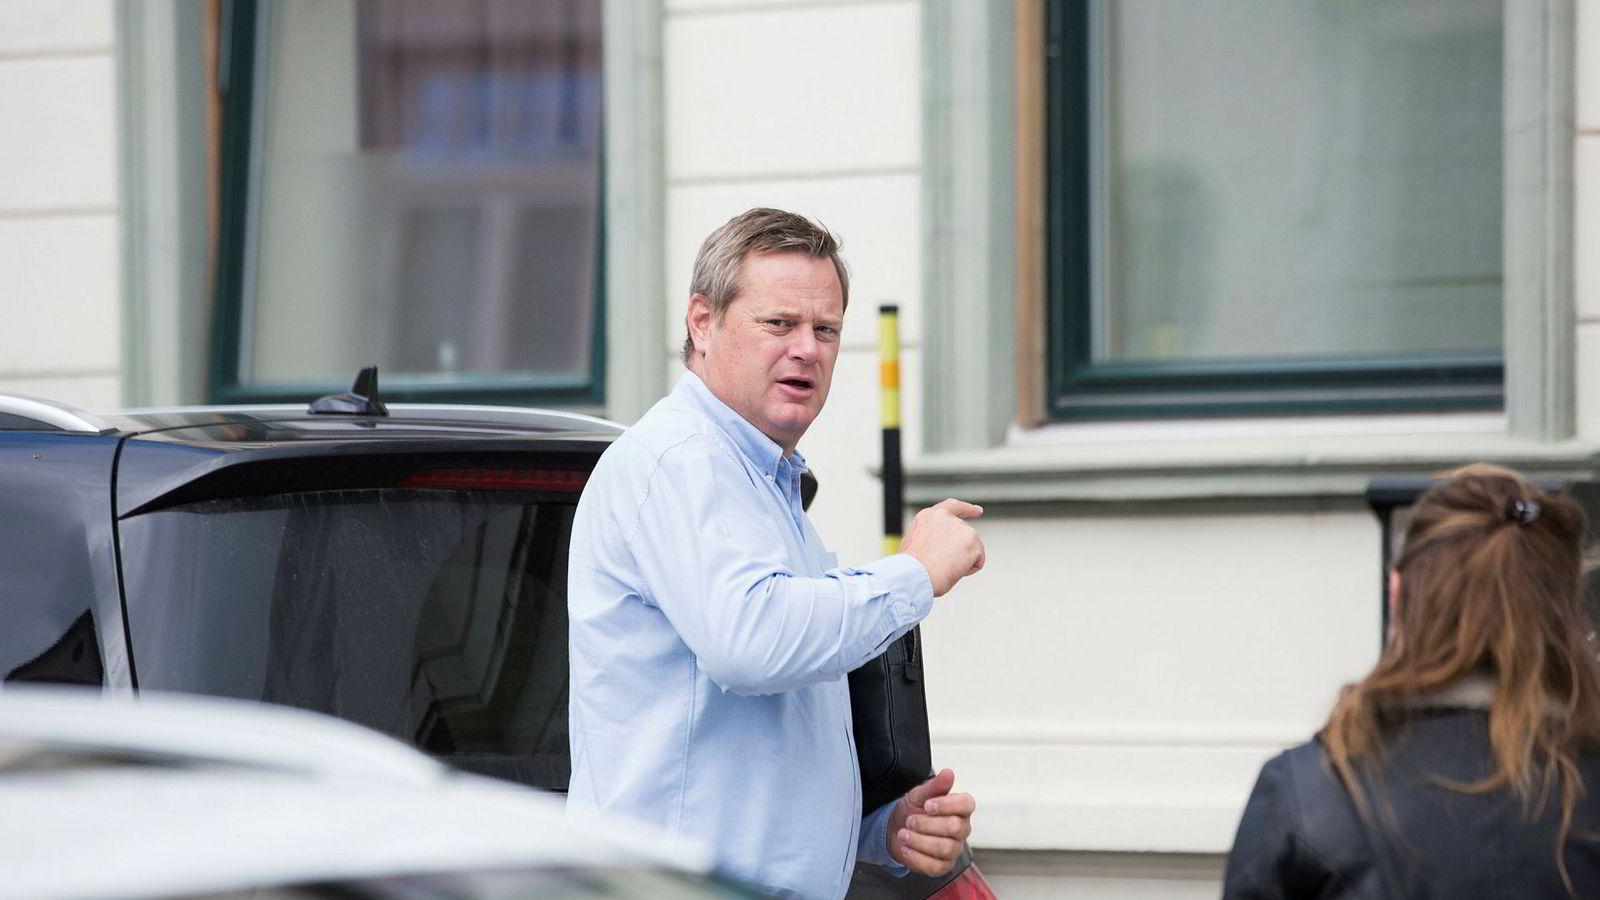 Einar Aas beholder huset i Grimstad, som verdsettes til 20 millioner kroner i avtalen.